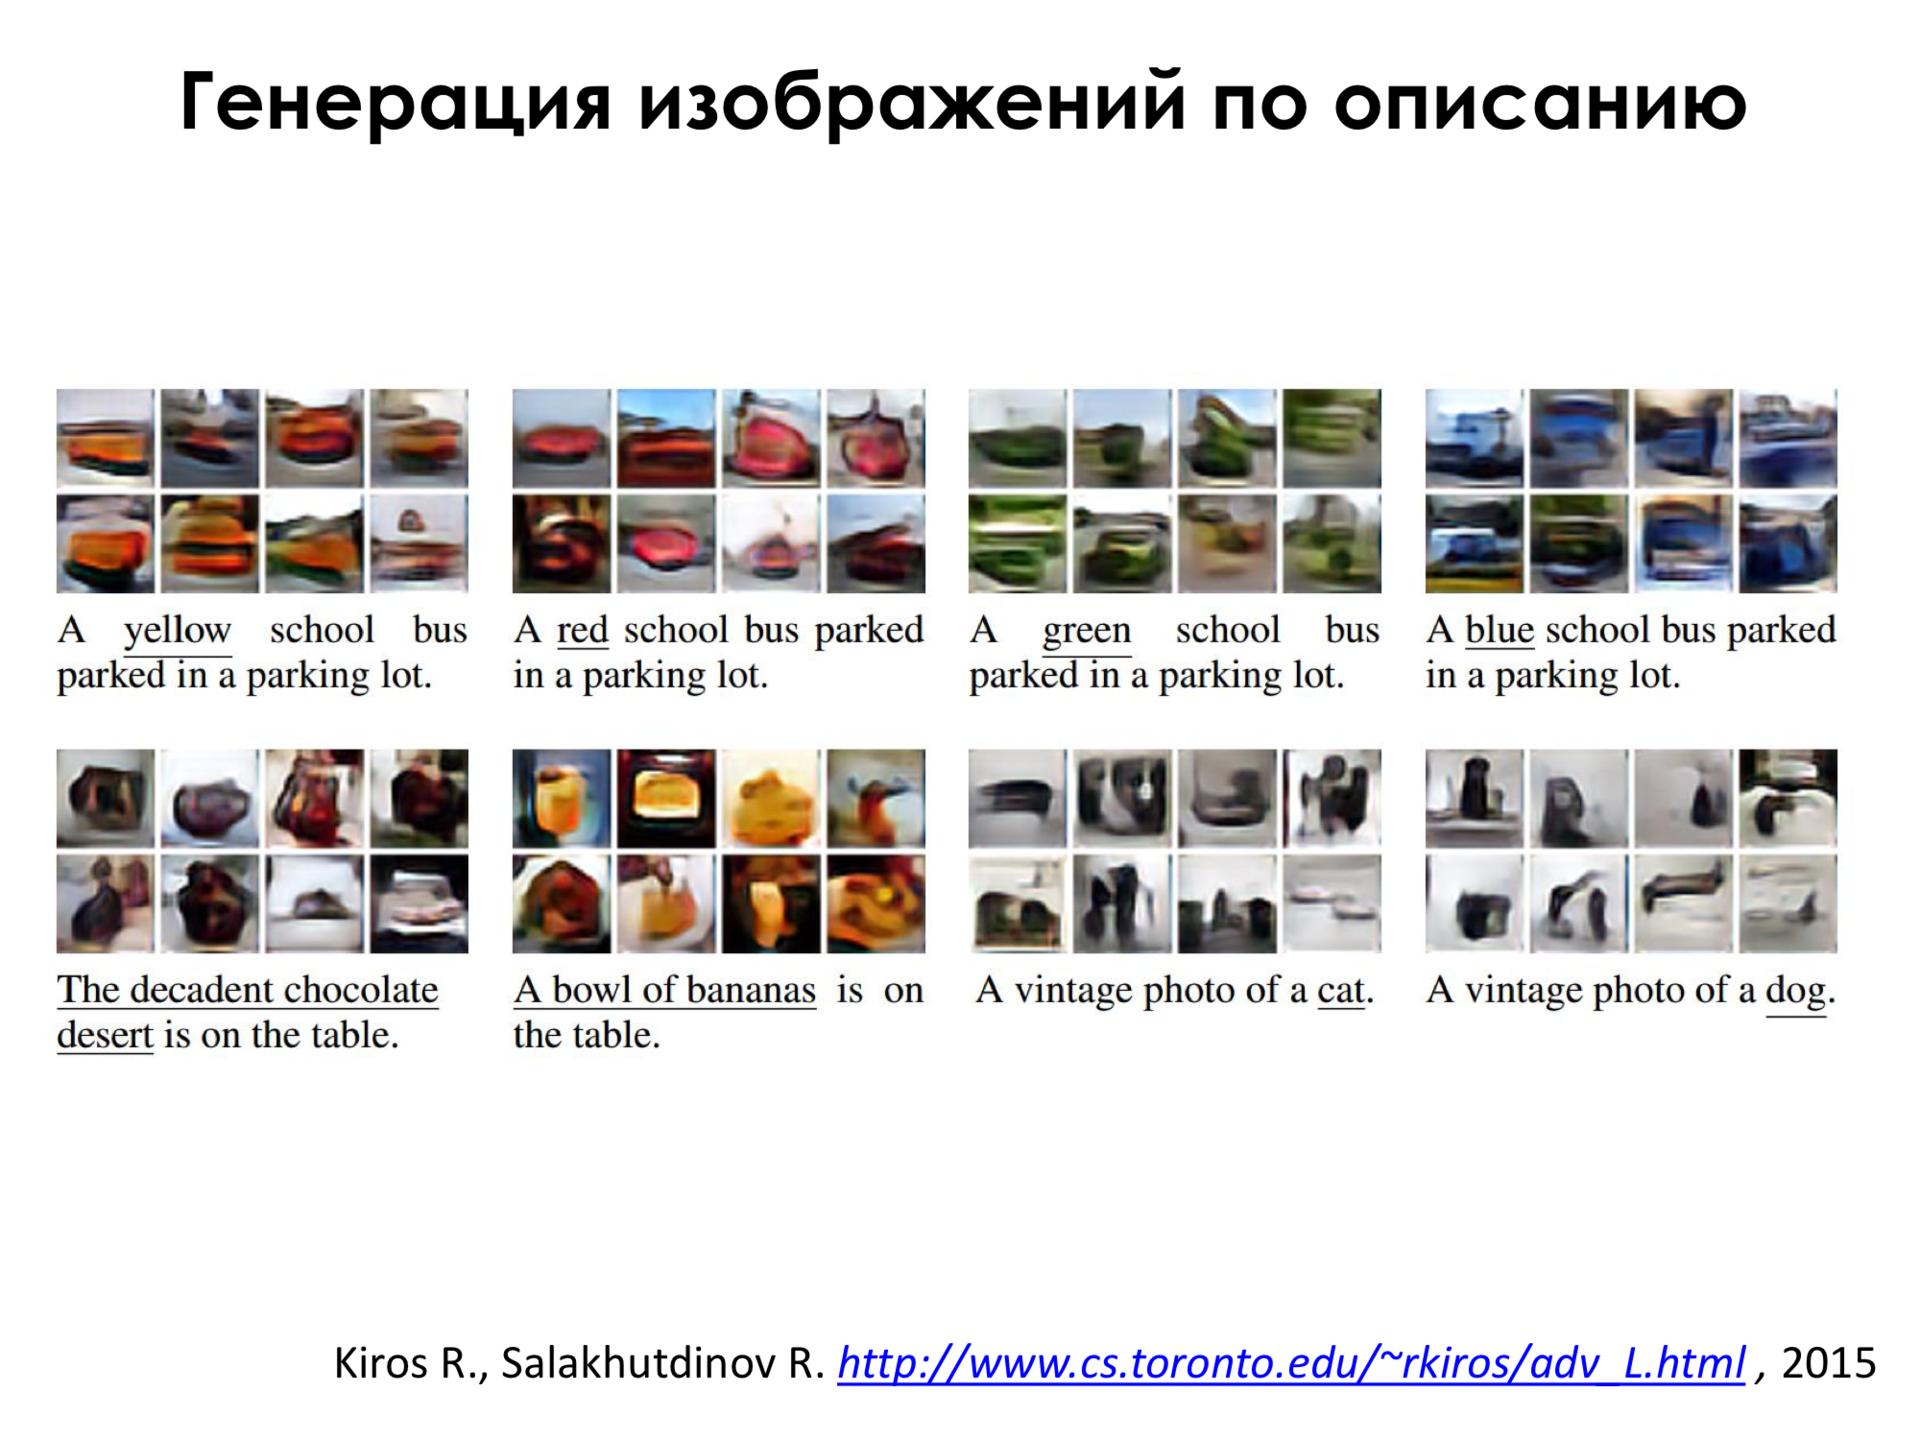 Самое главное о нейронных сетях. Лекция в Яндексе - 41